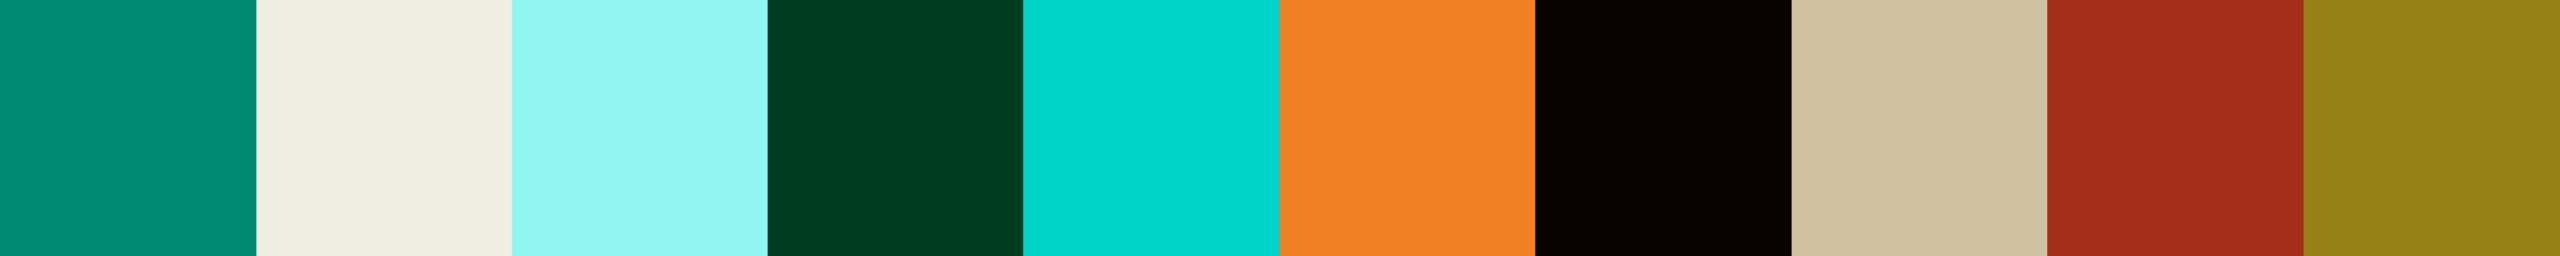 10 Kimolia Color Palette